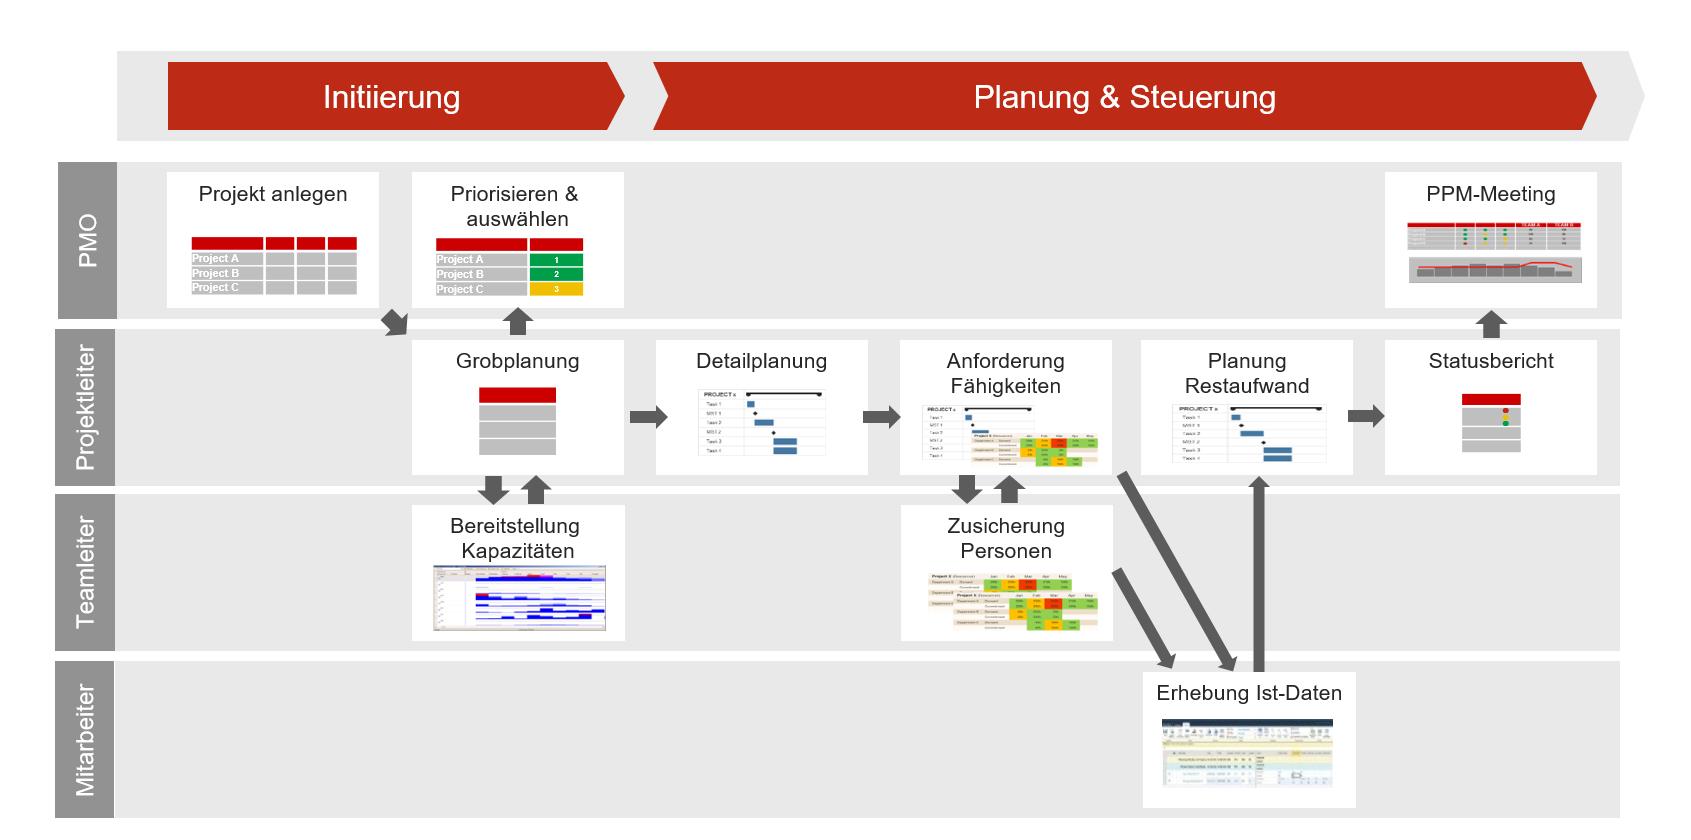 warum ein PMO wichtig - PPM Prozess